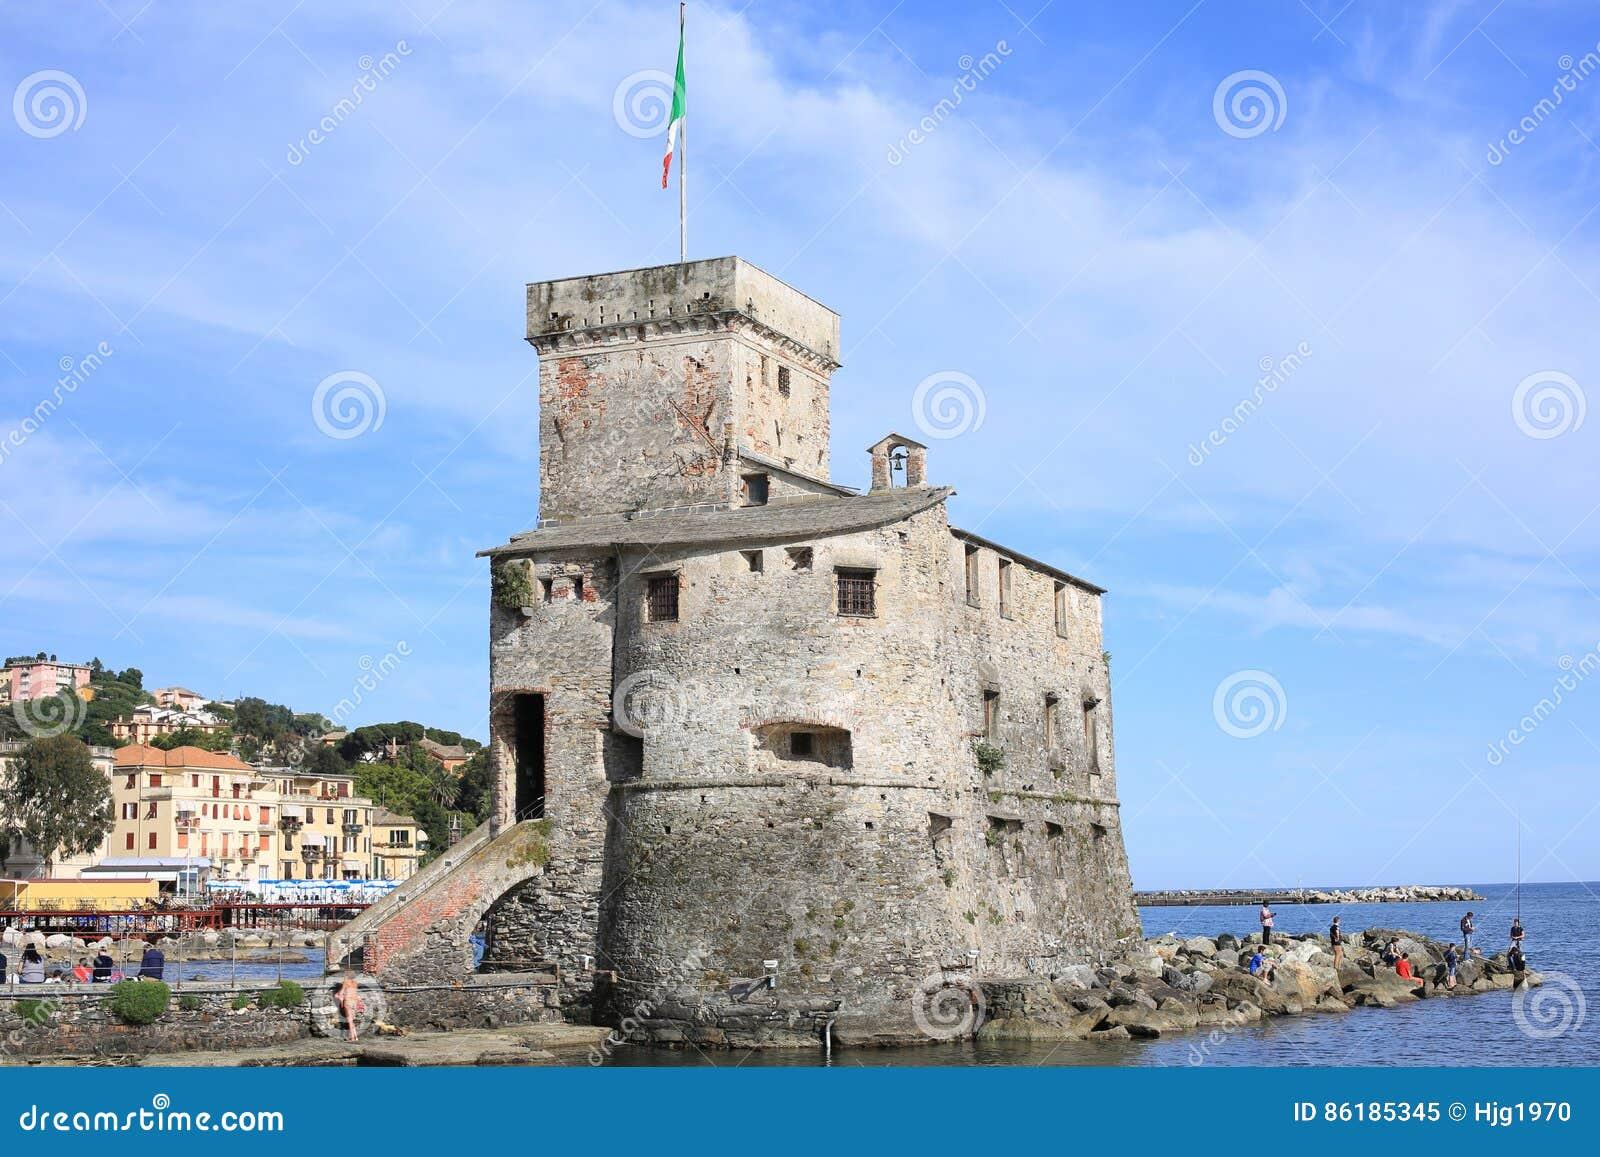 Ch teau m di val dans rapallo italie image stock image for Dans italien